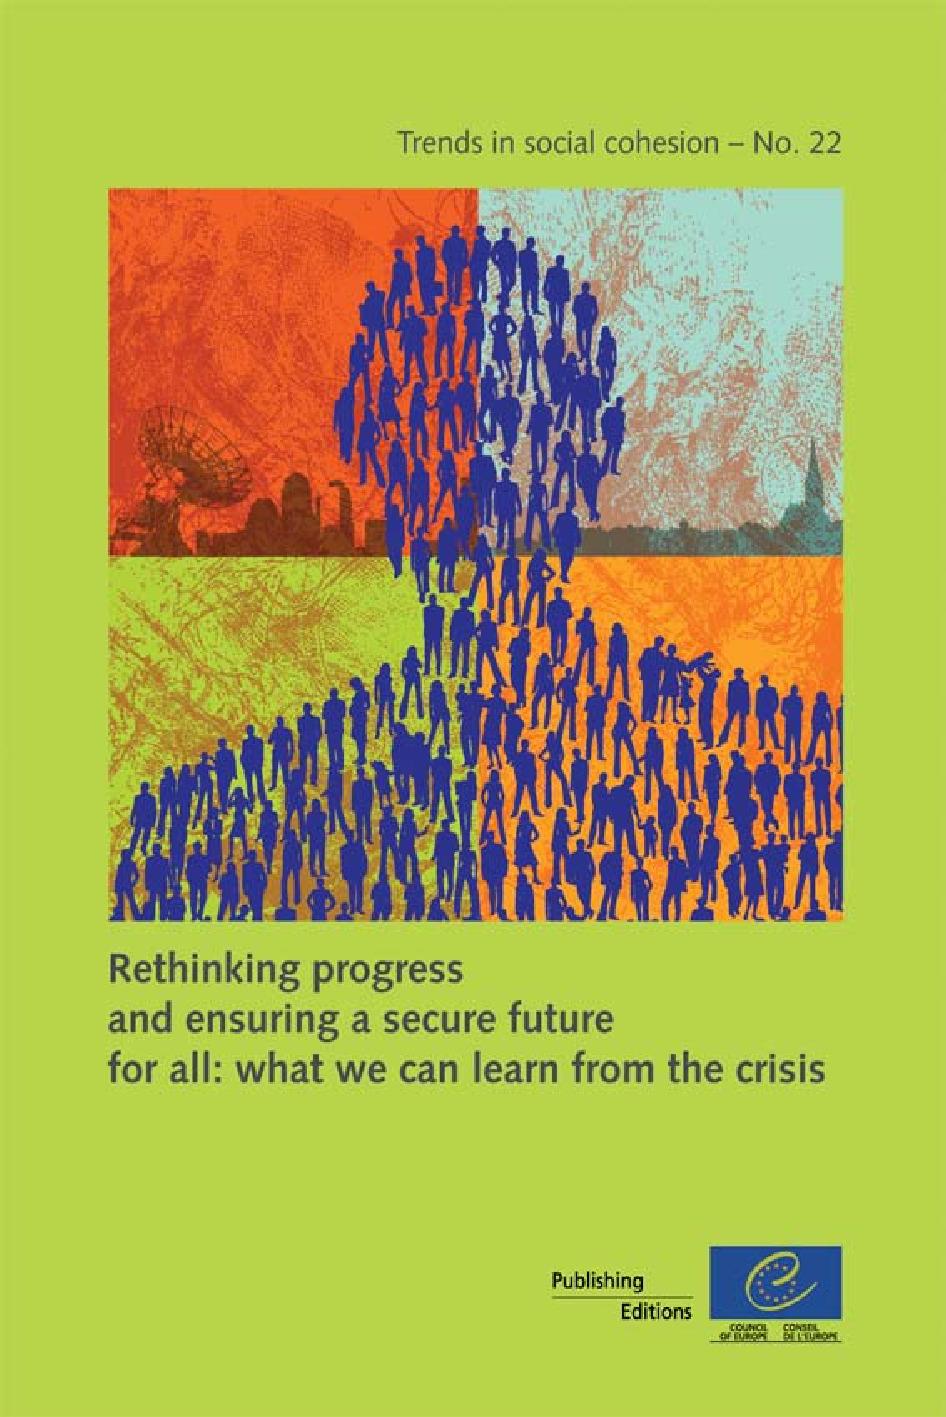 Repenser le progrès et assurer un avenir pour tous : les leçons de la crise